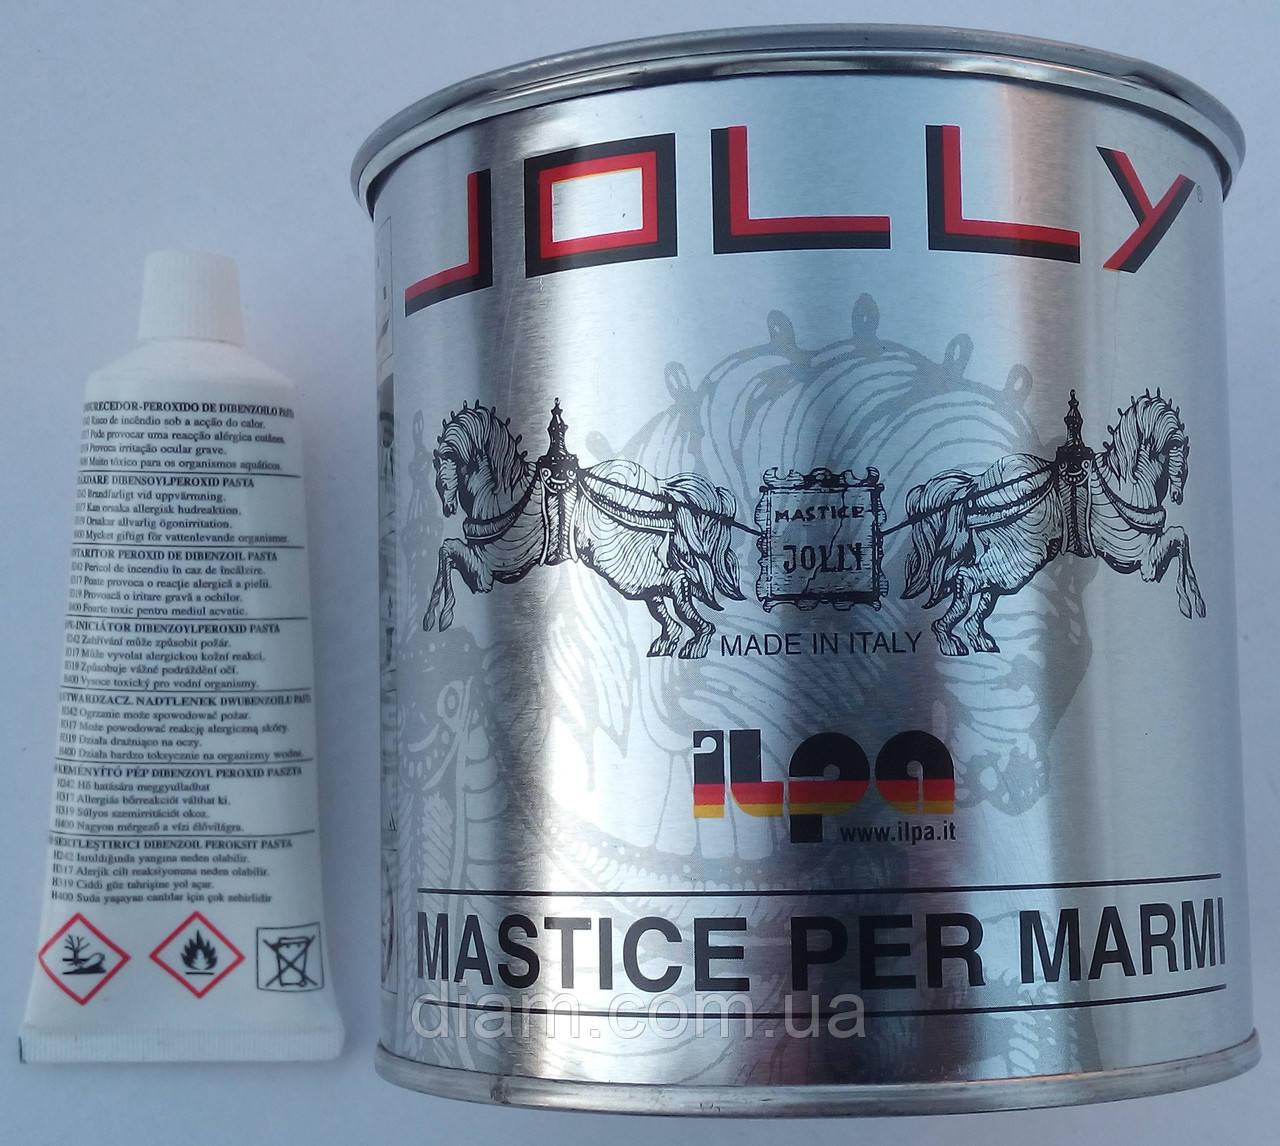 Клей-мастика jolly специальные узорчатые валики для окраски стен купить в красноярске